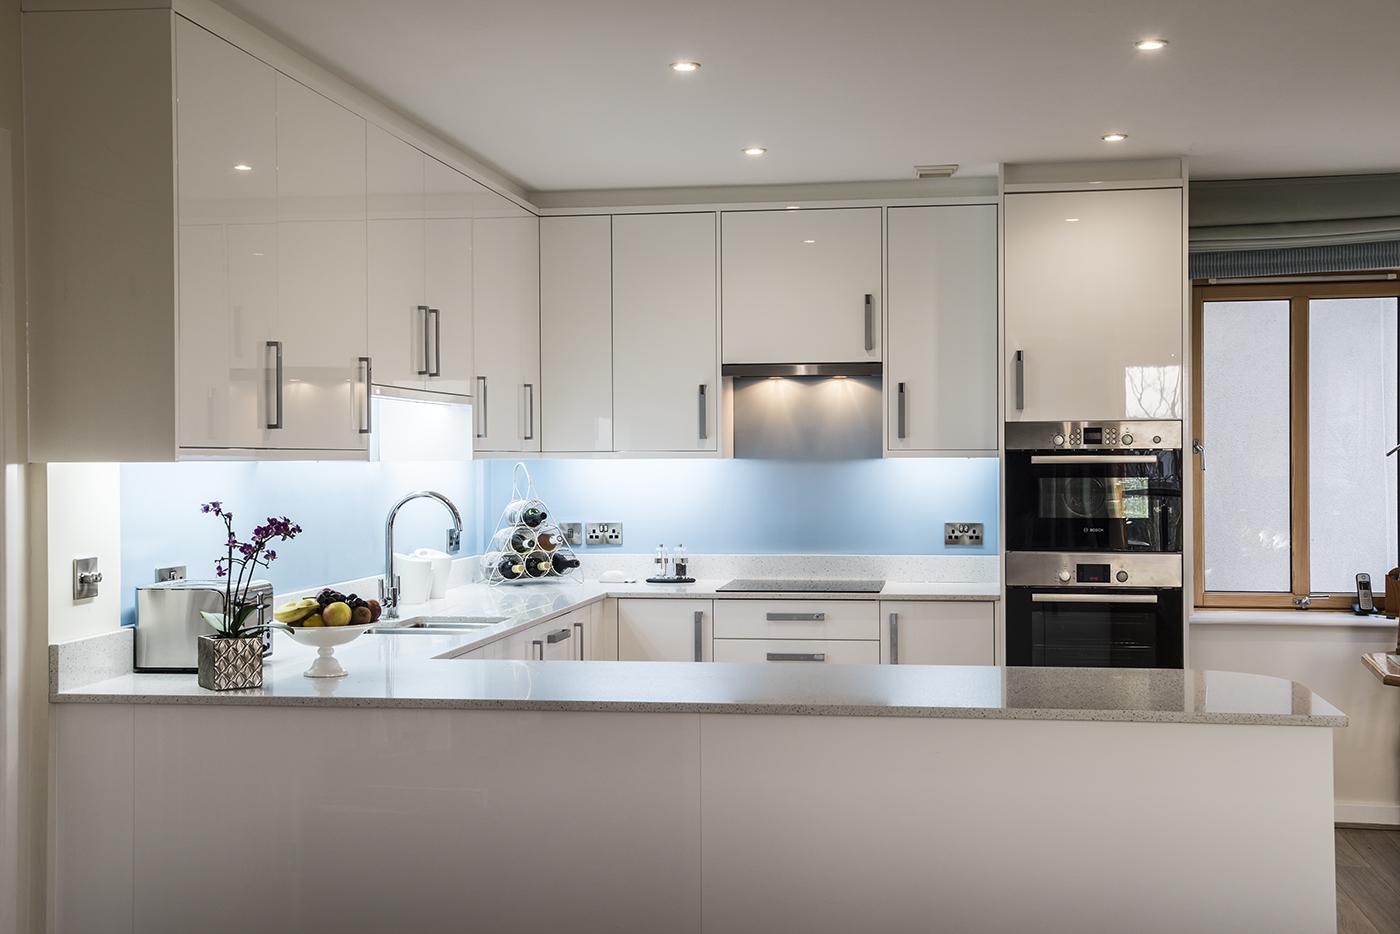 zola-white-gloss-kitchen